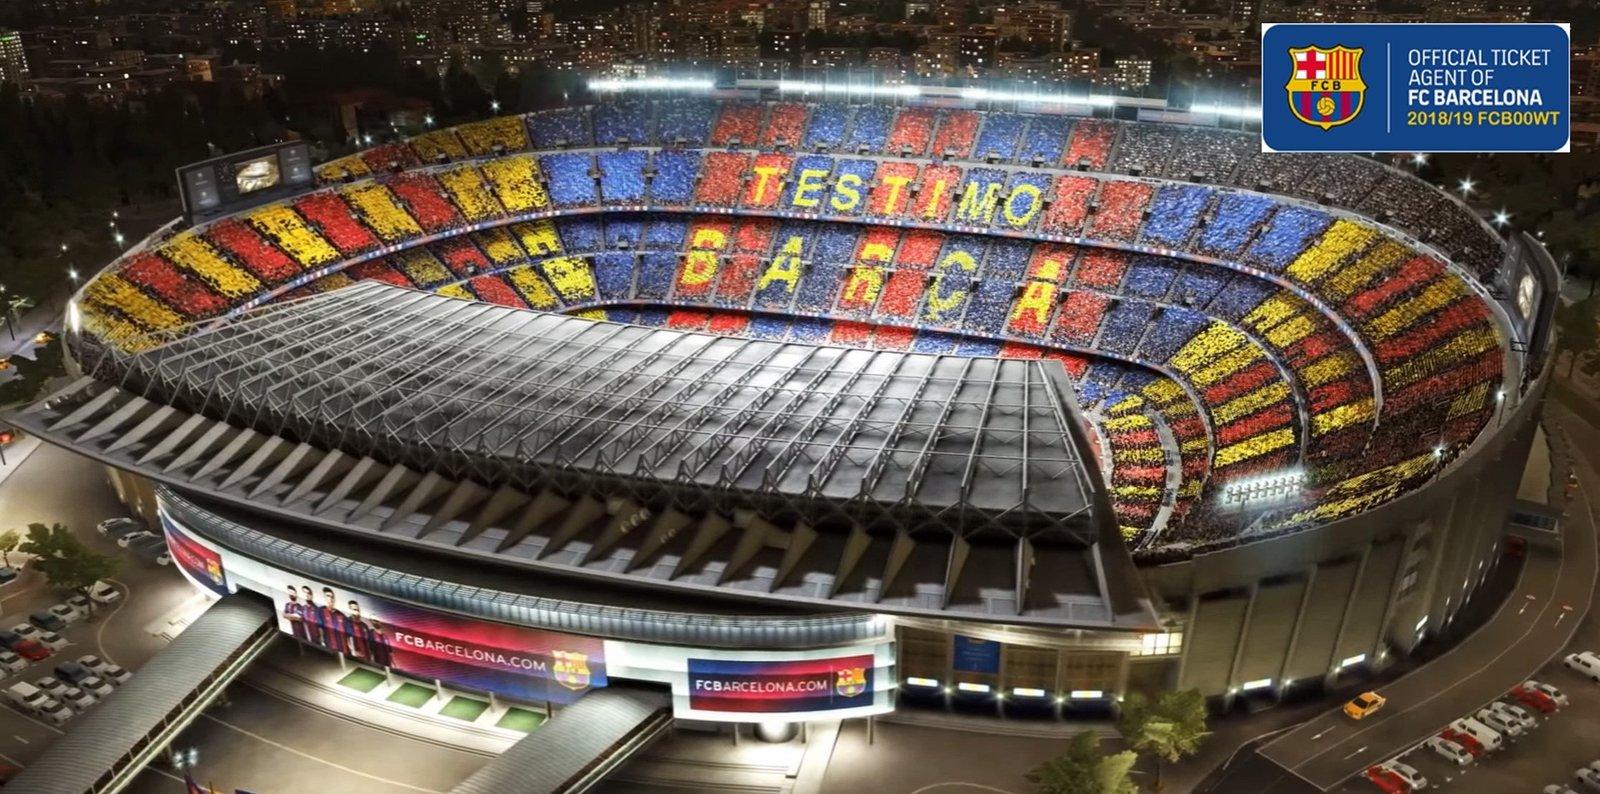 stadium copy